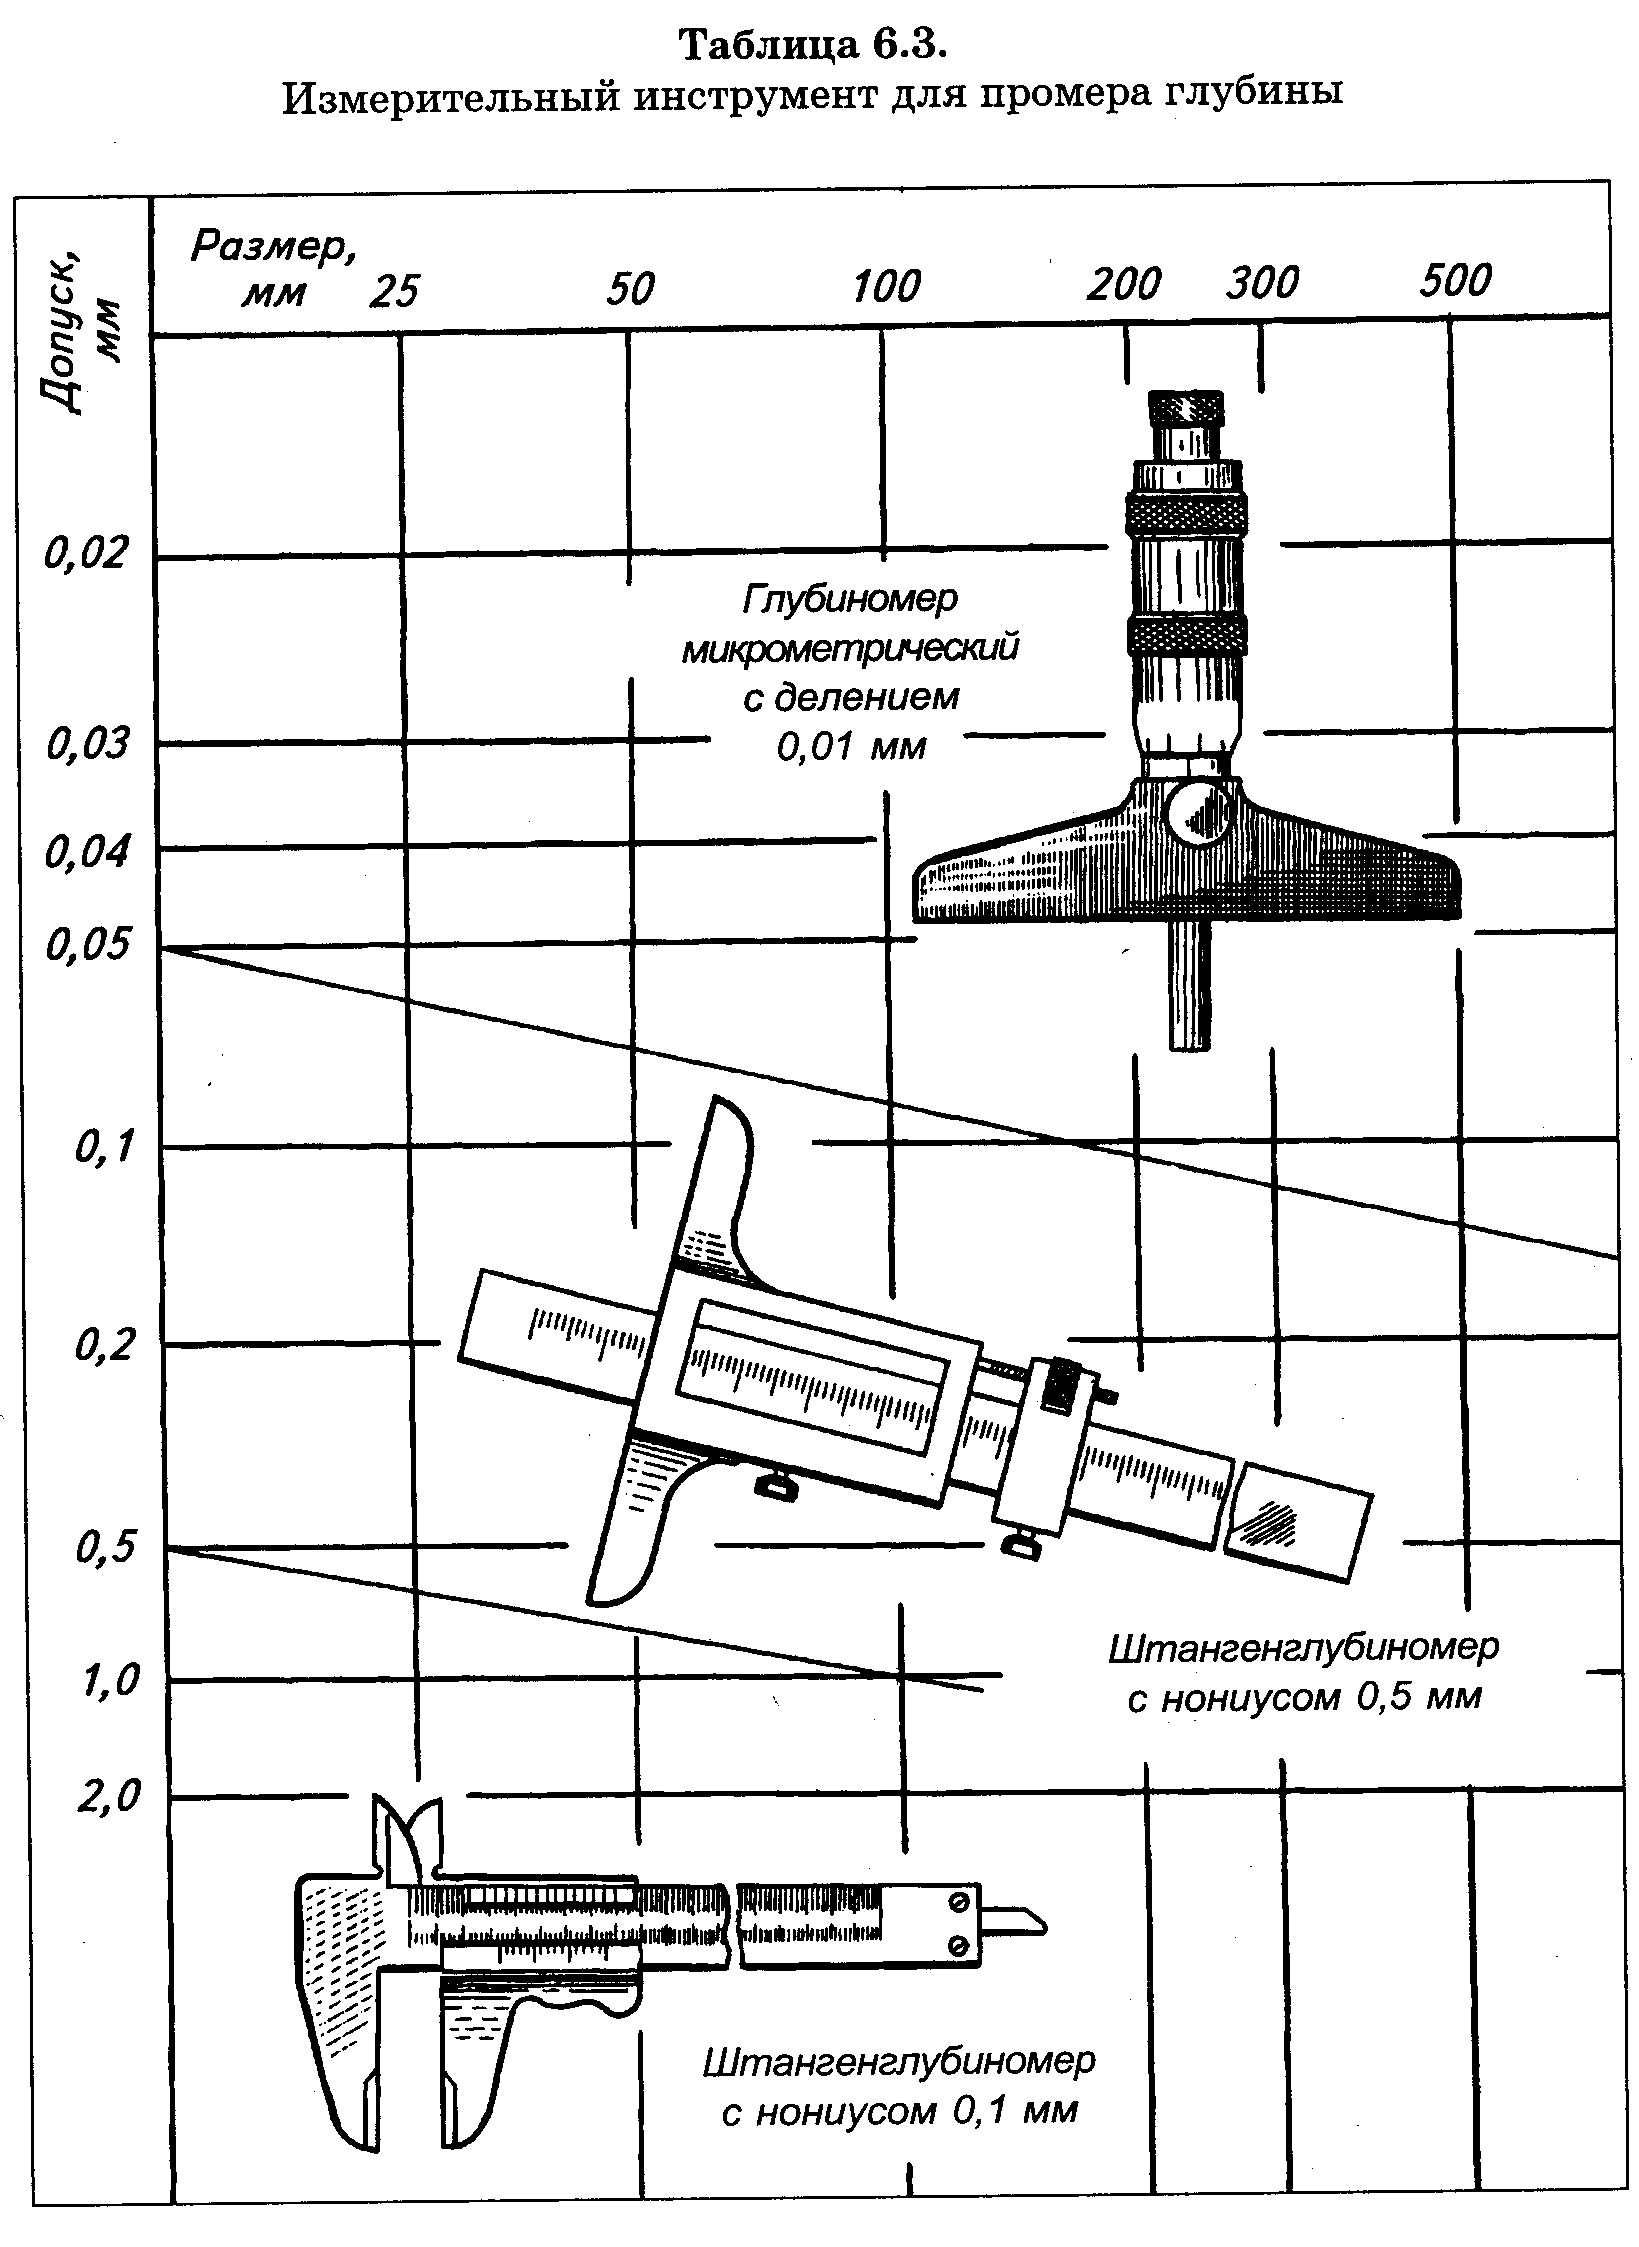 Изготовление деталей измерительных инструментов режущий инструмент для карусельных станков